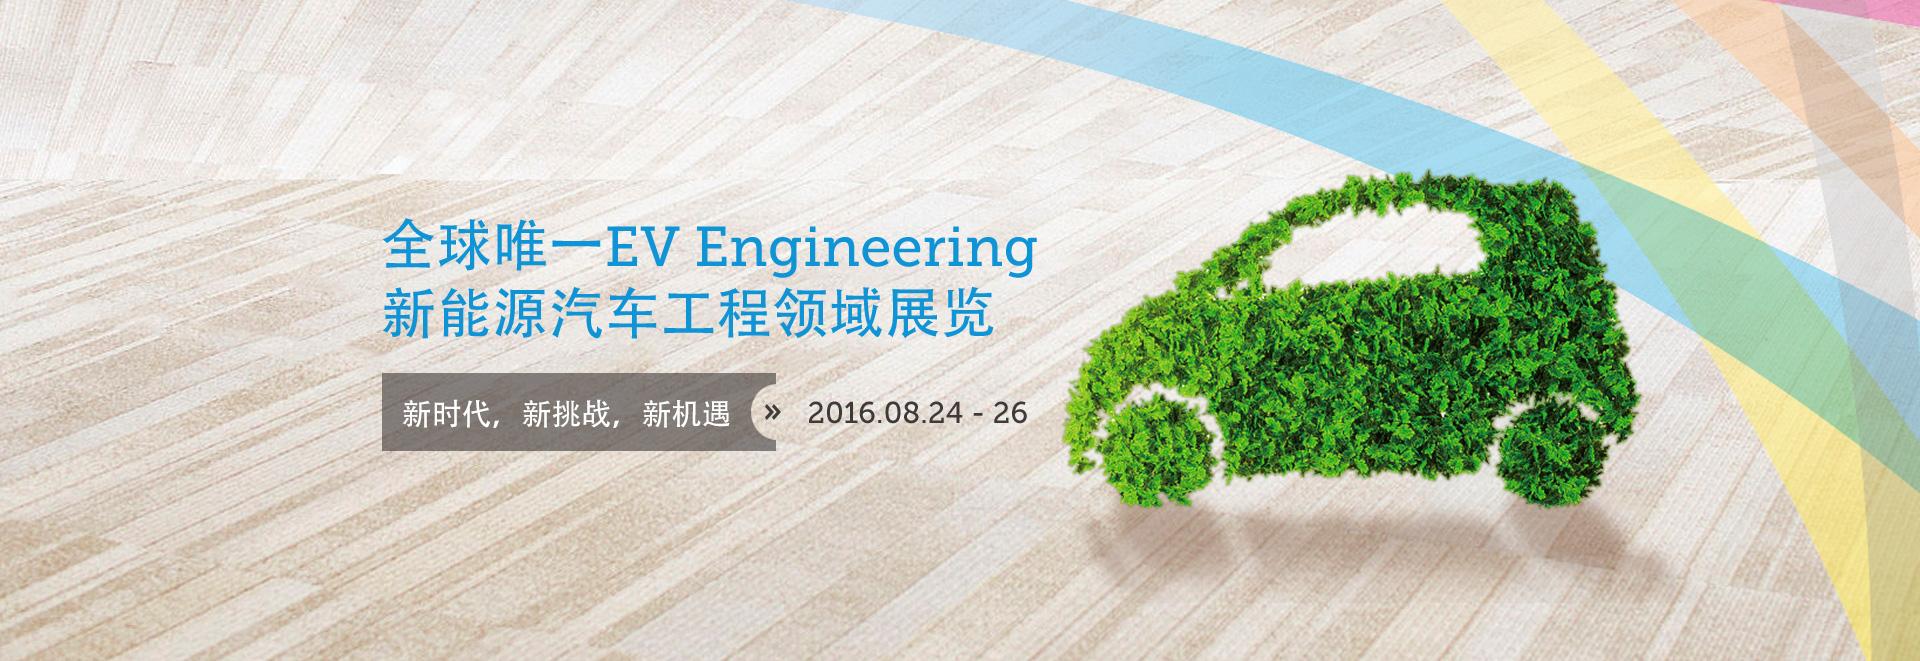 新能源汽车工程